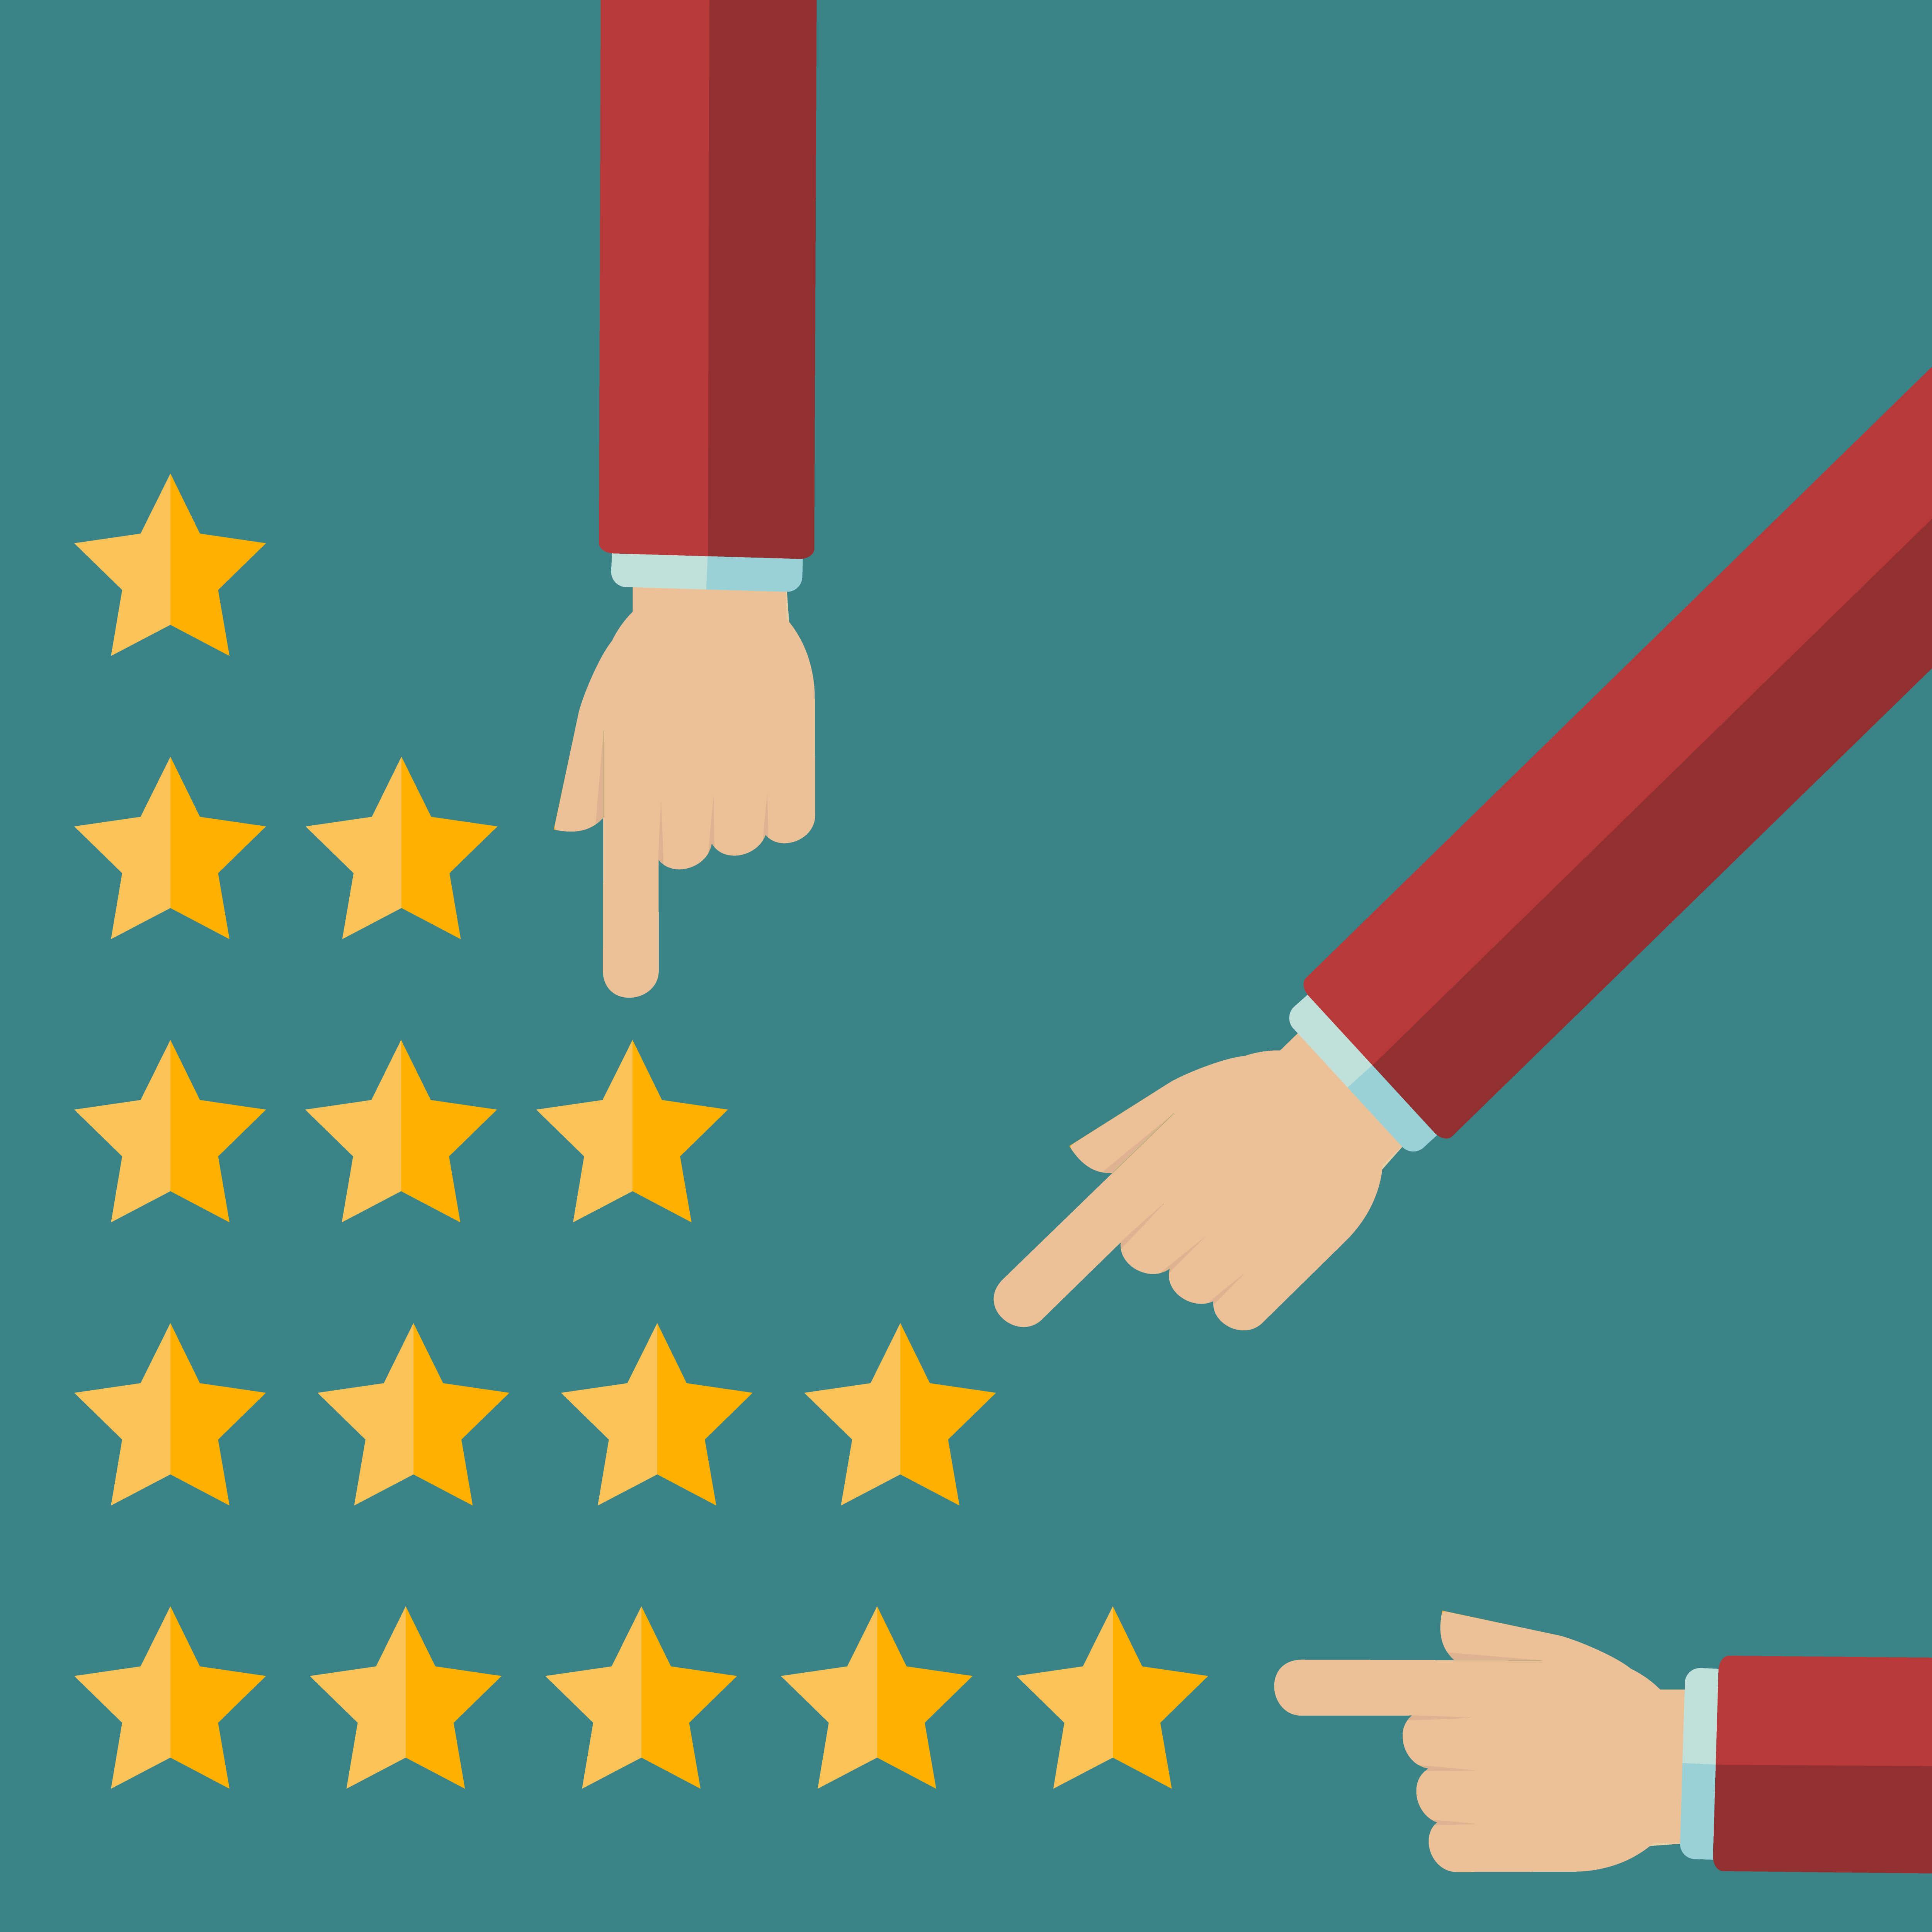 pesquisa-de-satisfacao-de-clientes-4-dicas-praticas-para-a-sua-empresa.jpg